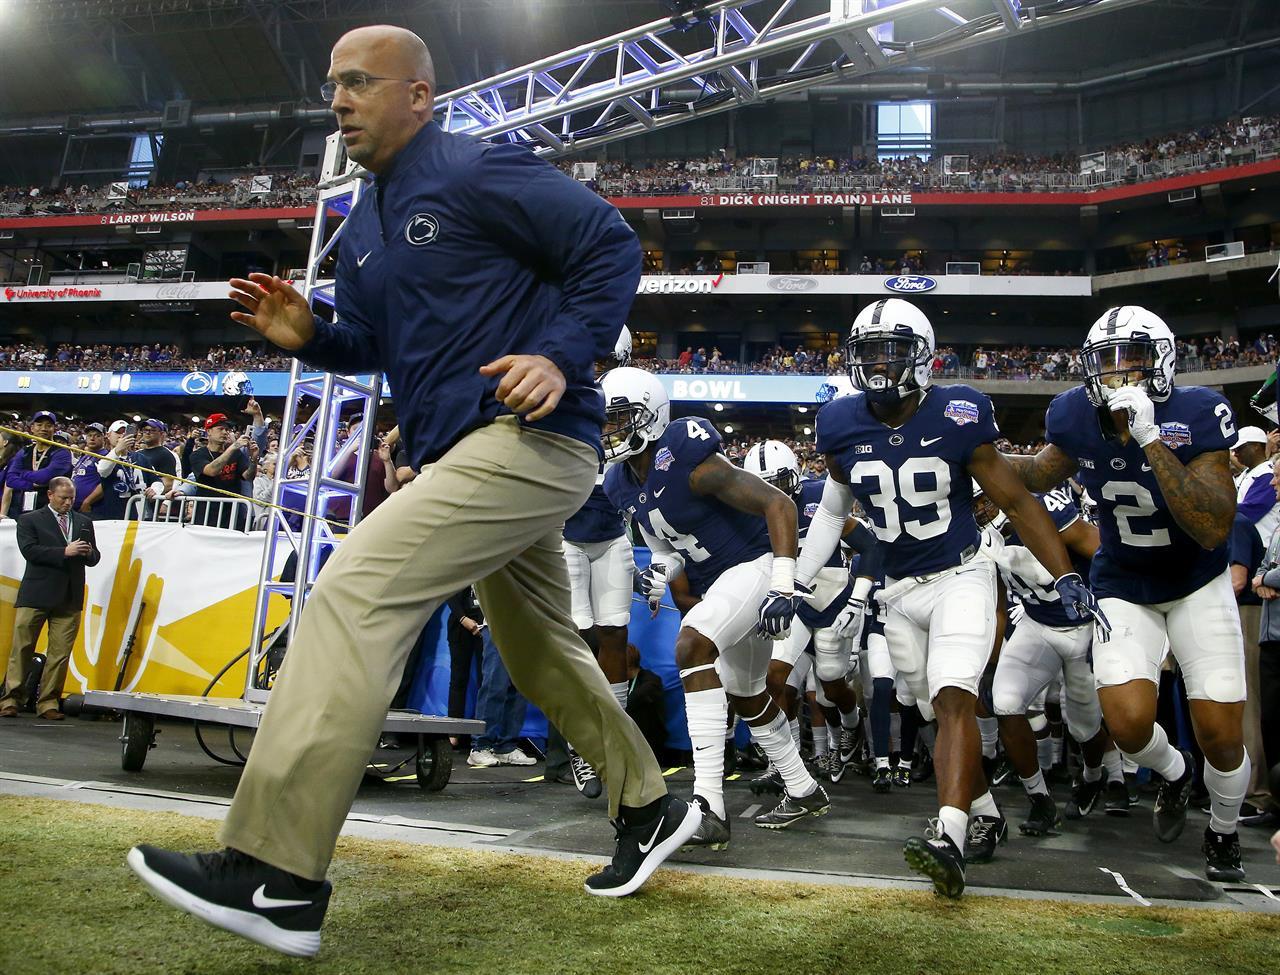 NCAA prepares minority coordinators for head coaching jobs ...